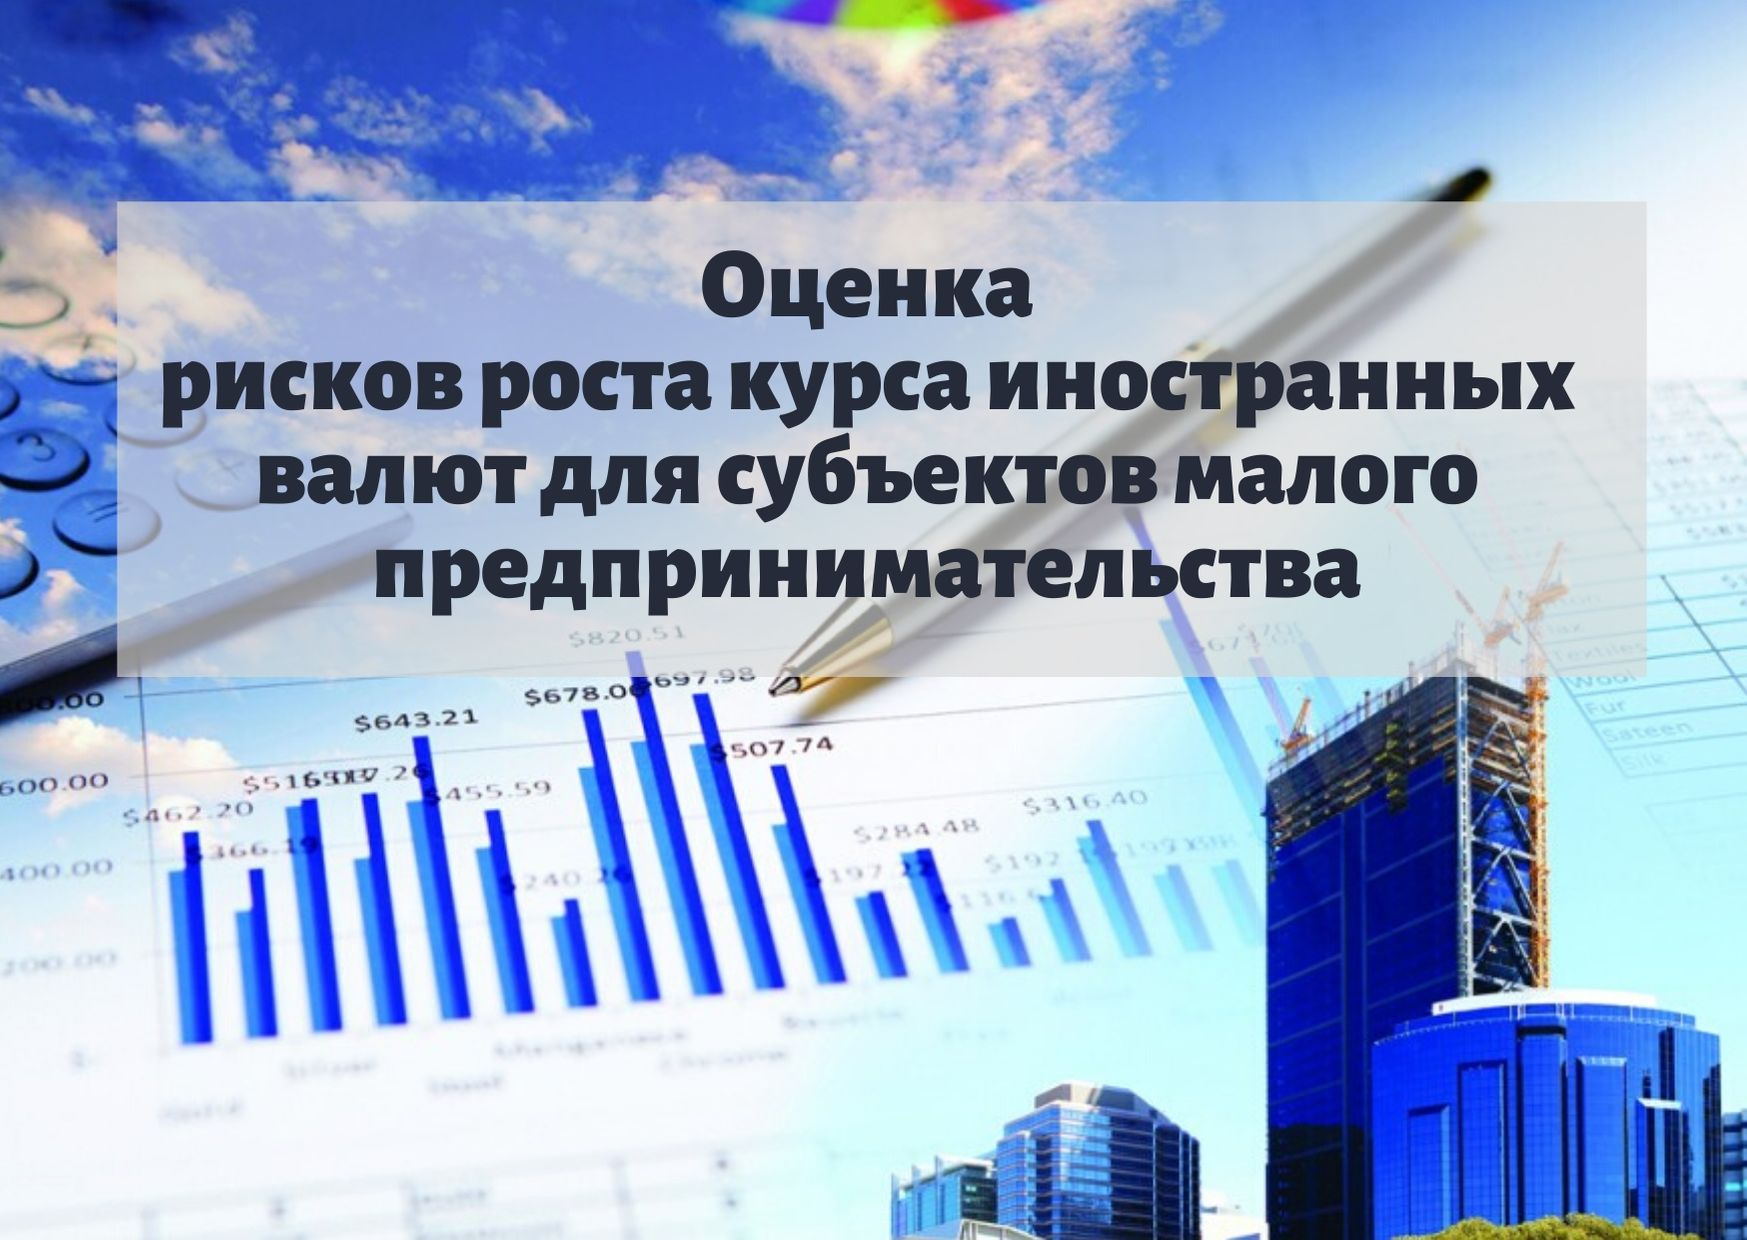 Влияние курса иностранных валют на малый бизнес